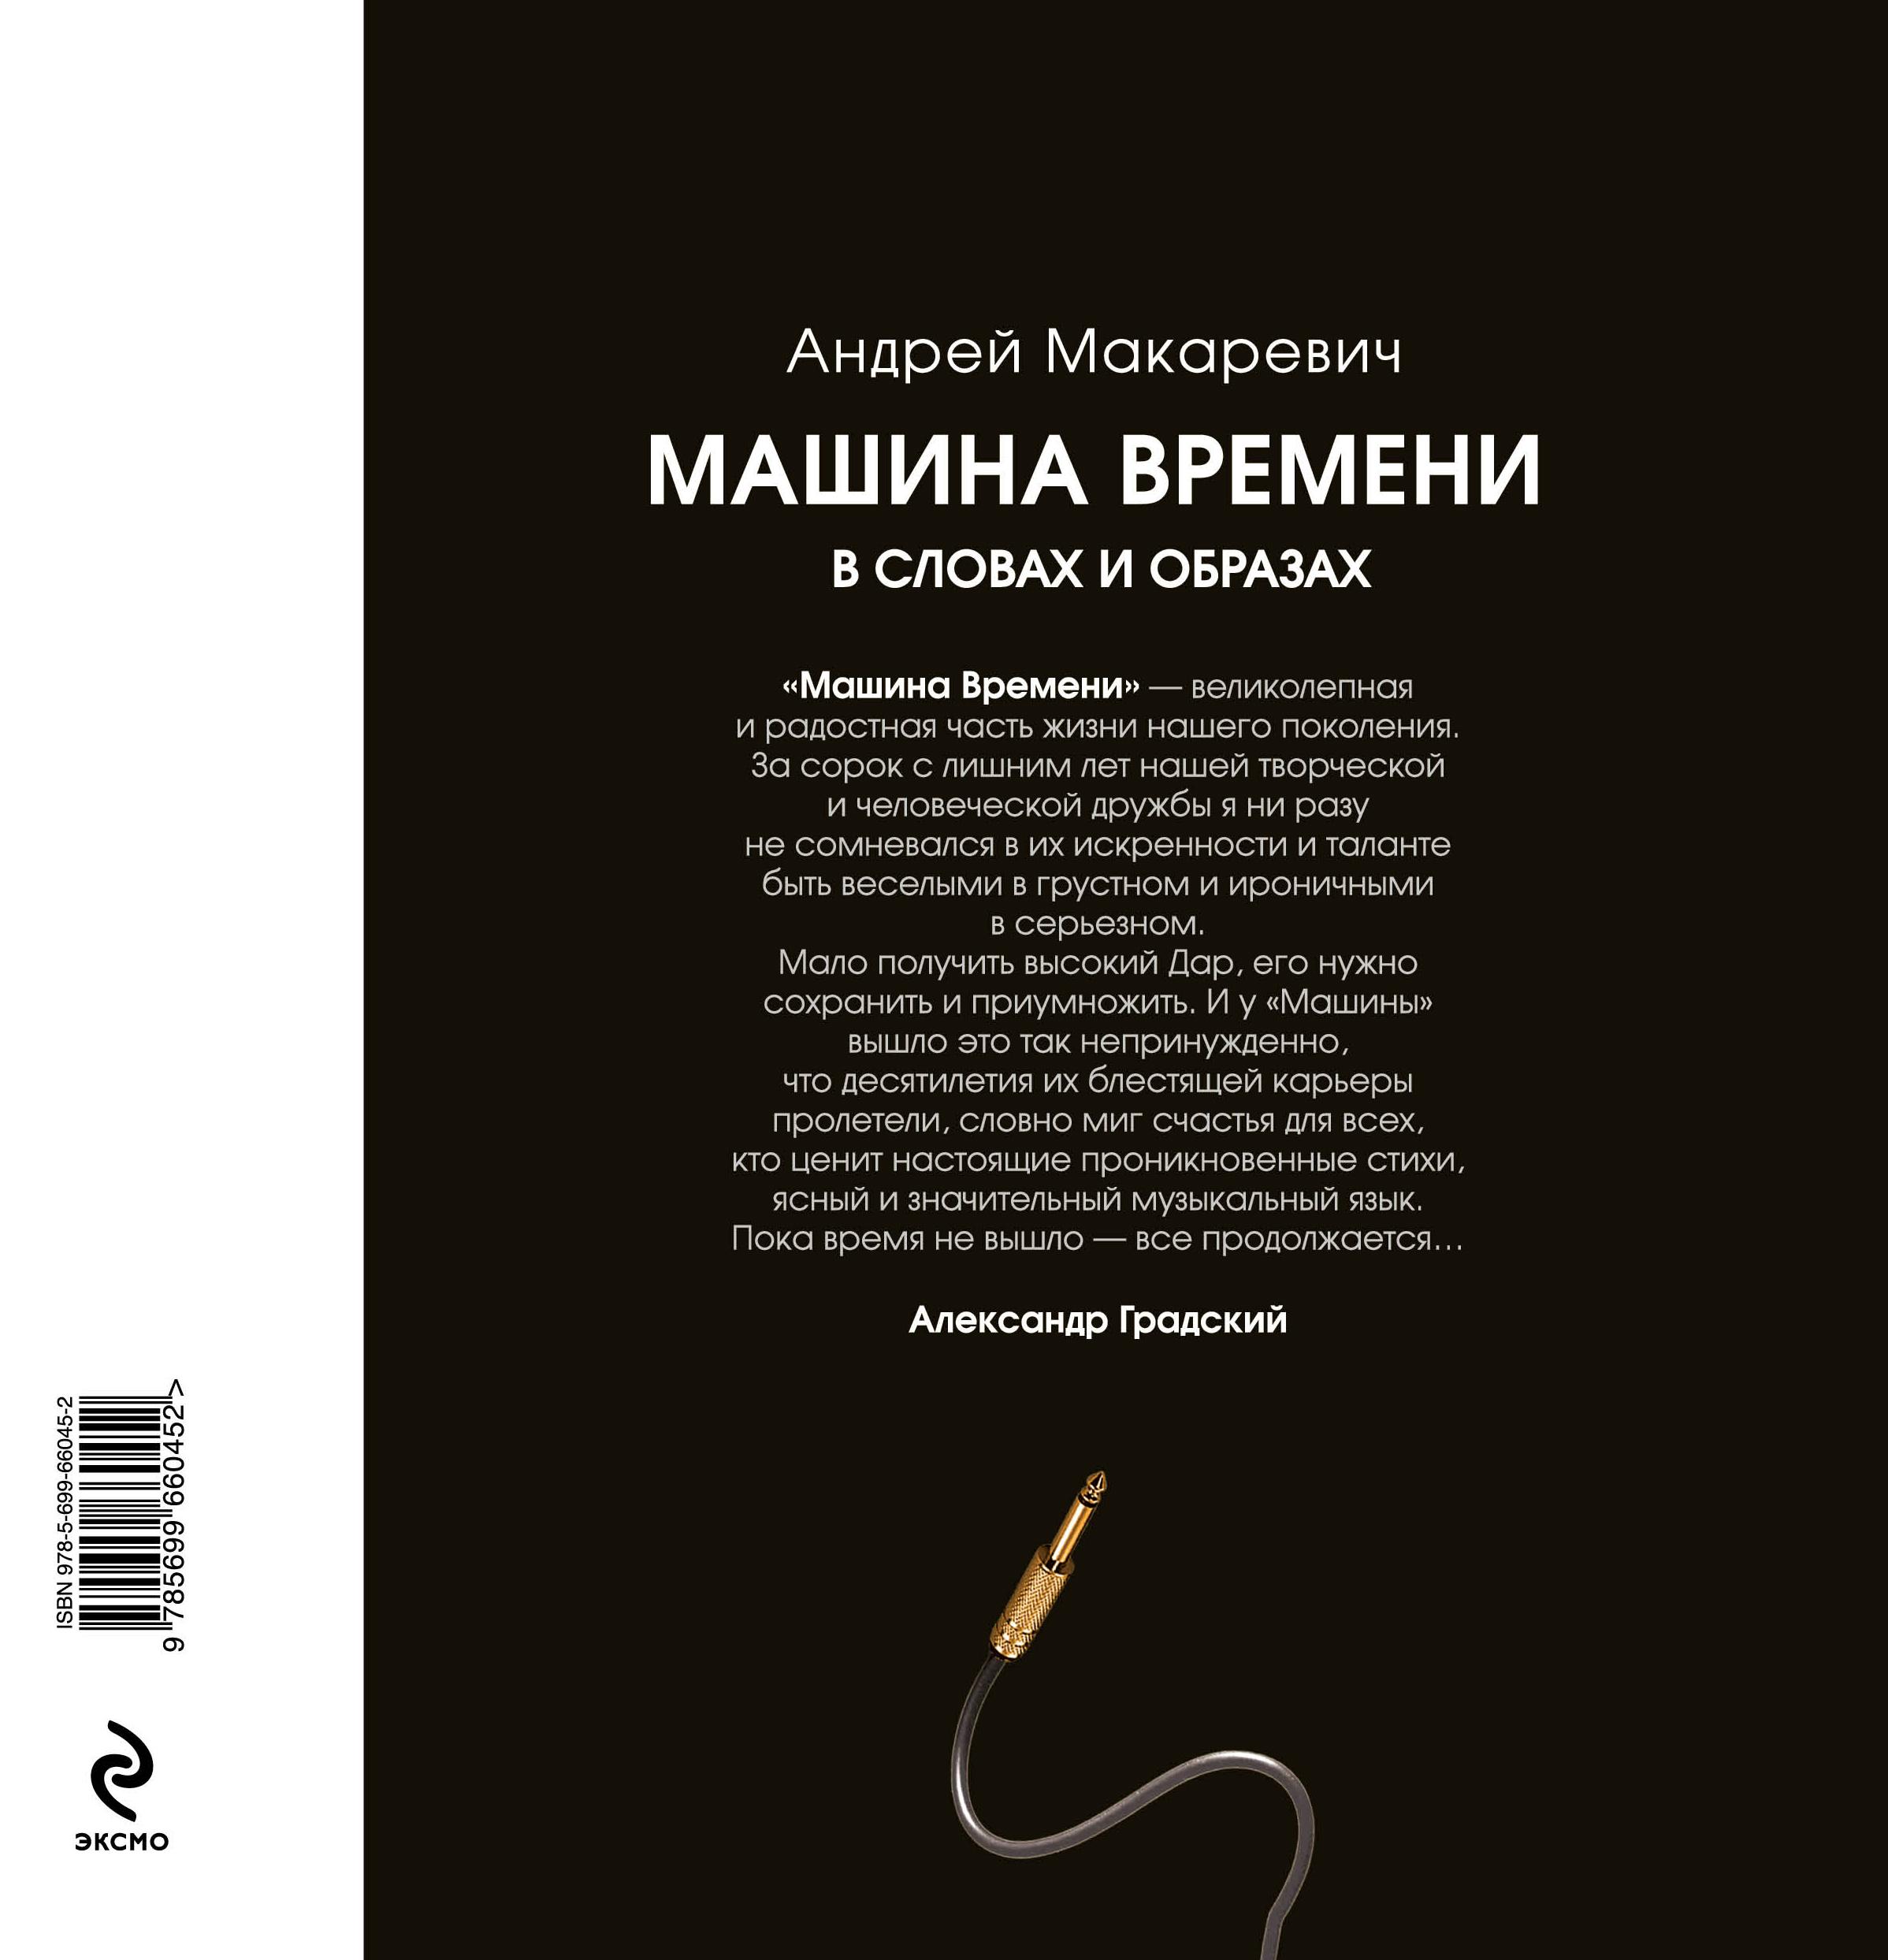 """Книга """"Машина Времени"""" в словах и образах (+ CD). Андрей Макаревич"""